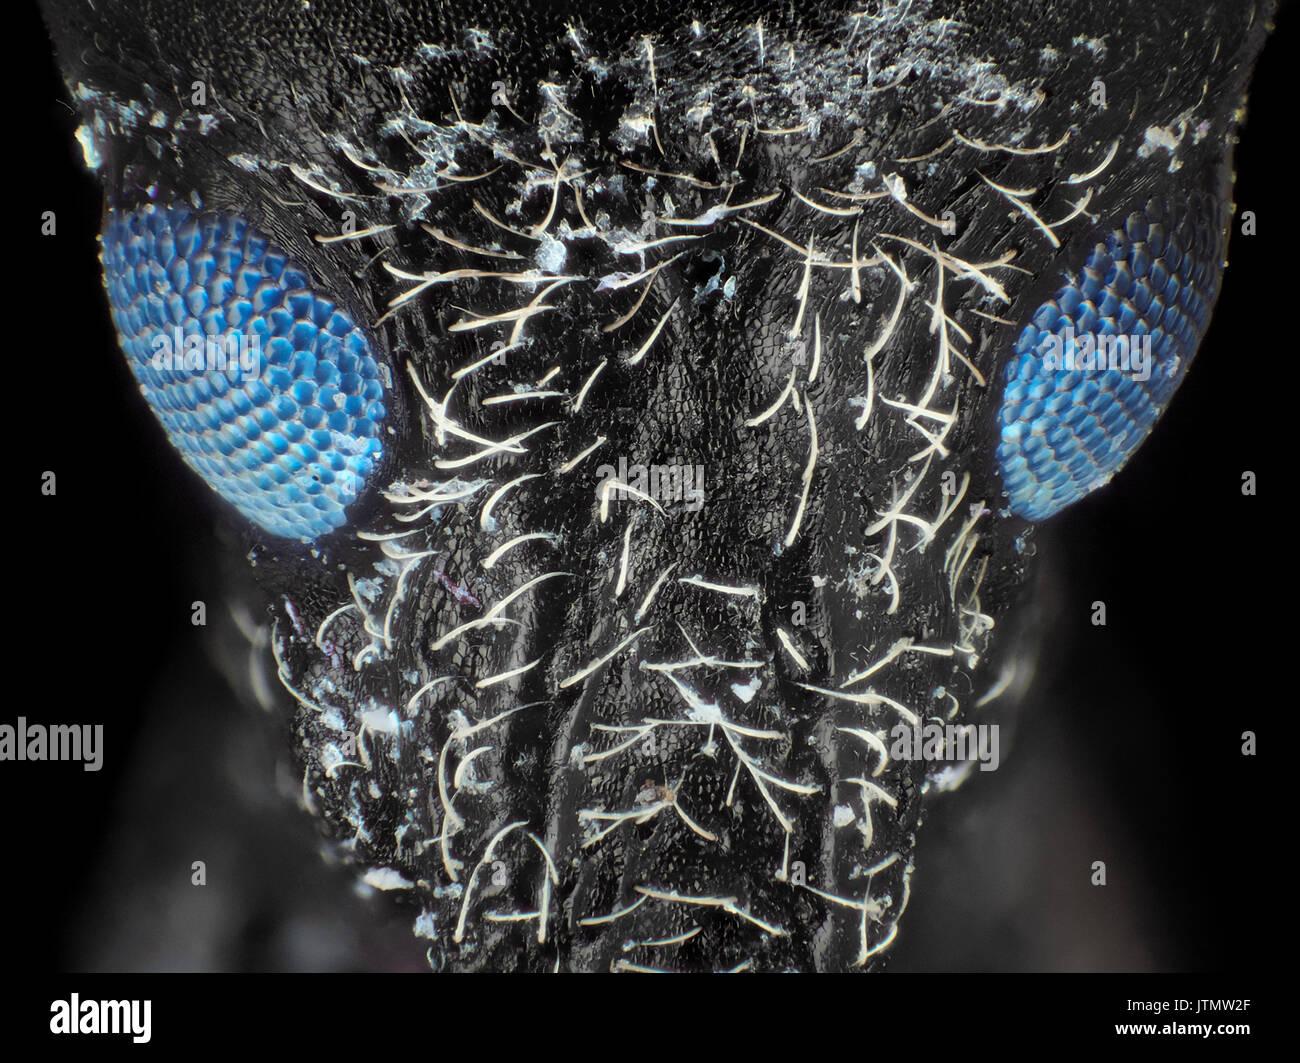 Coléoptère charançon (probablement Larinus carlinae) avec les yeux fluorescent visible, l'ultraviolet + microphotographie, 60x de grossissement lors de l'impression de 10 cm de largeur Photo Stock